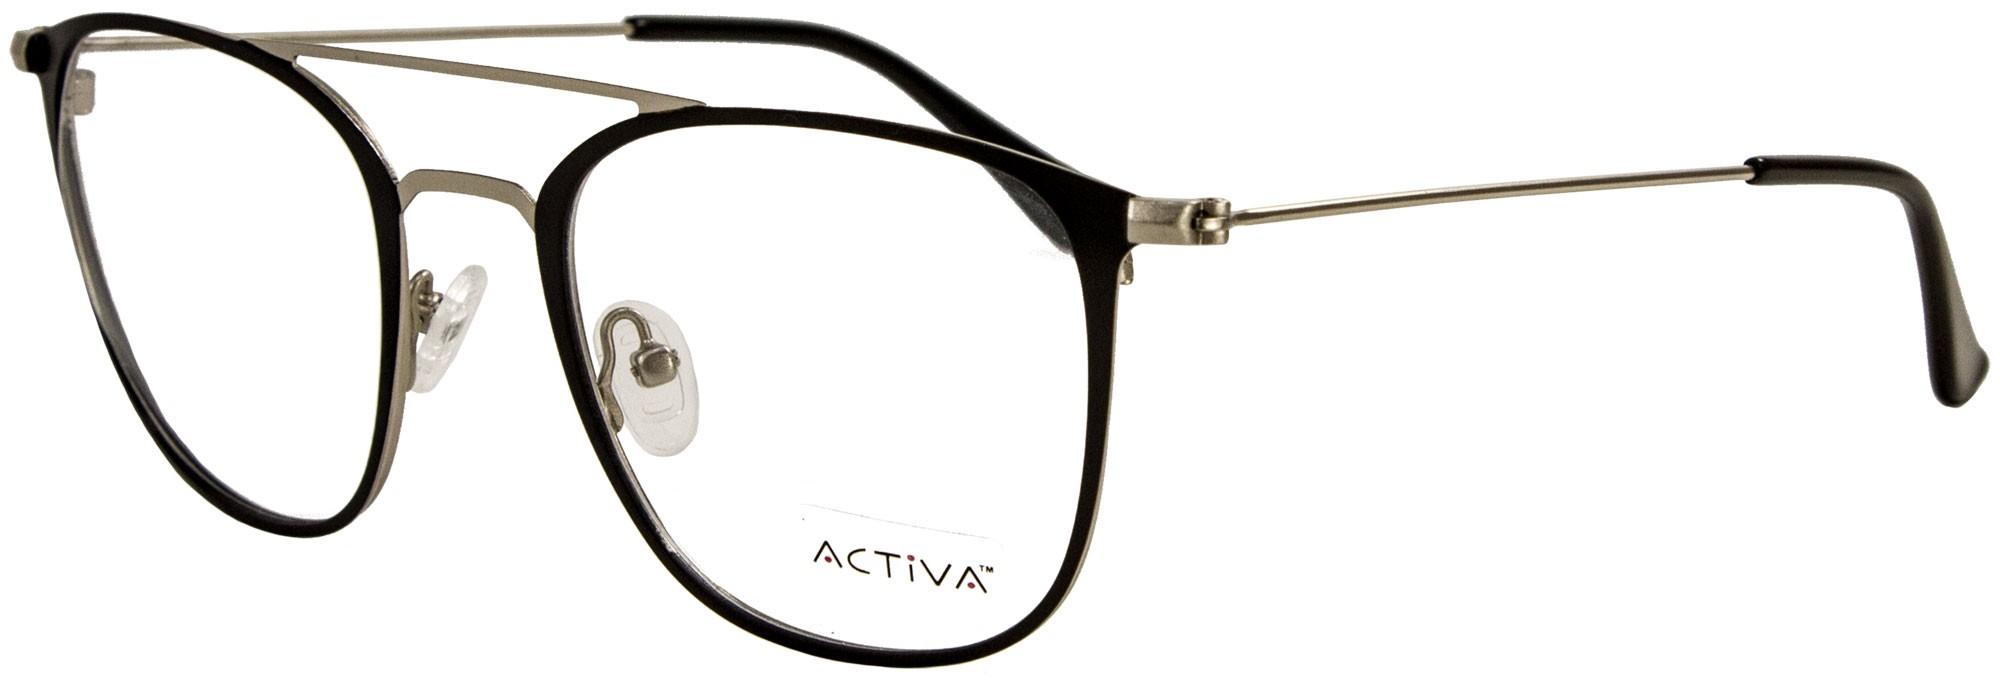 Activa 9742 C1 2